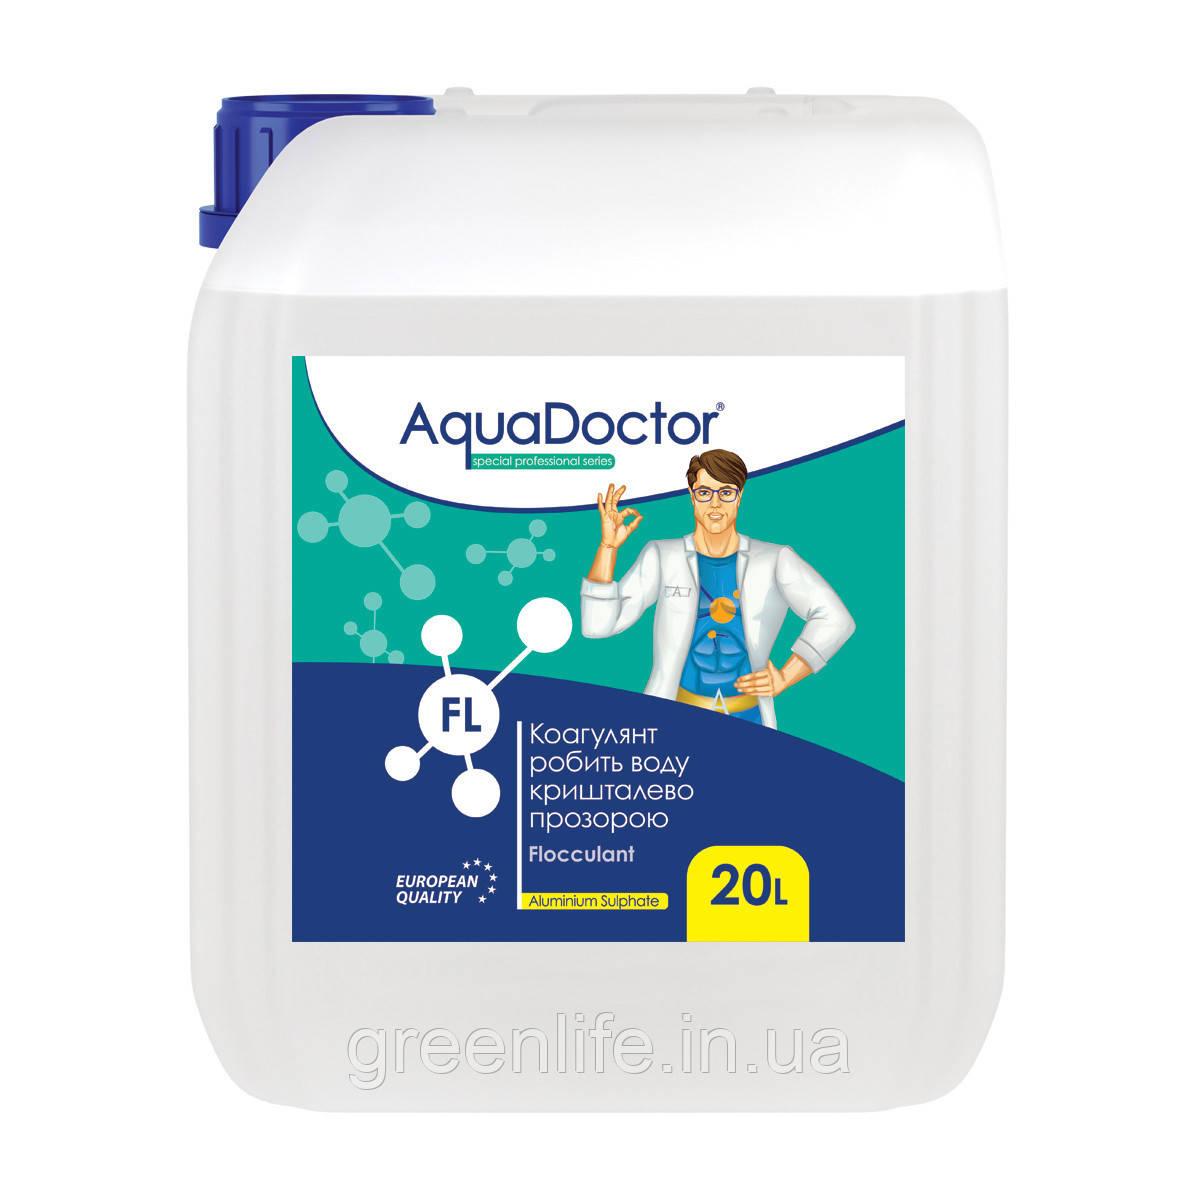 Рідке коагулюючу засіб AquaDoctor FL, Аквадоктор, 5л